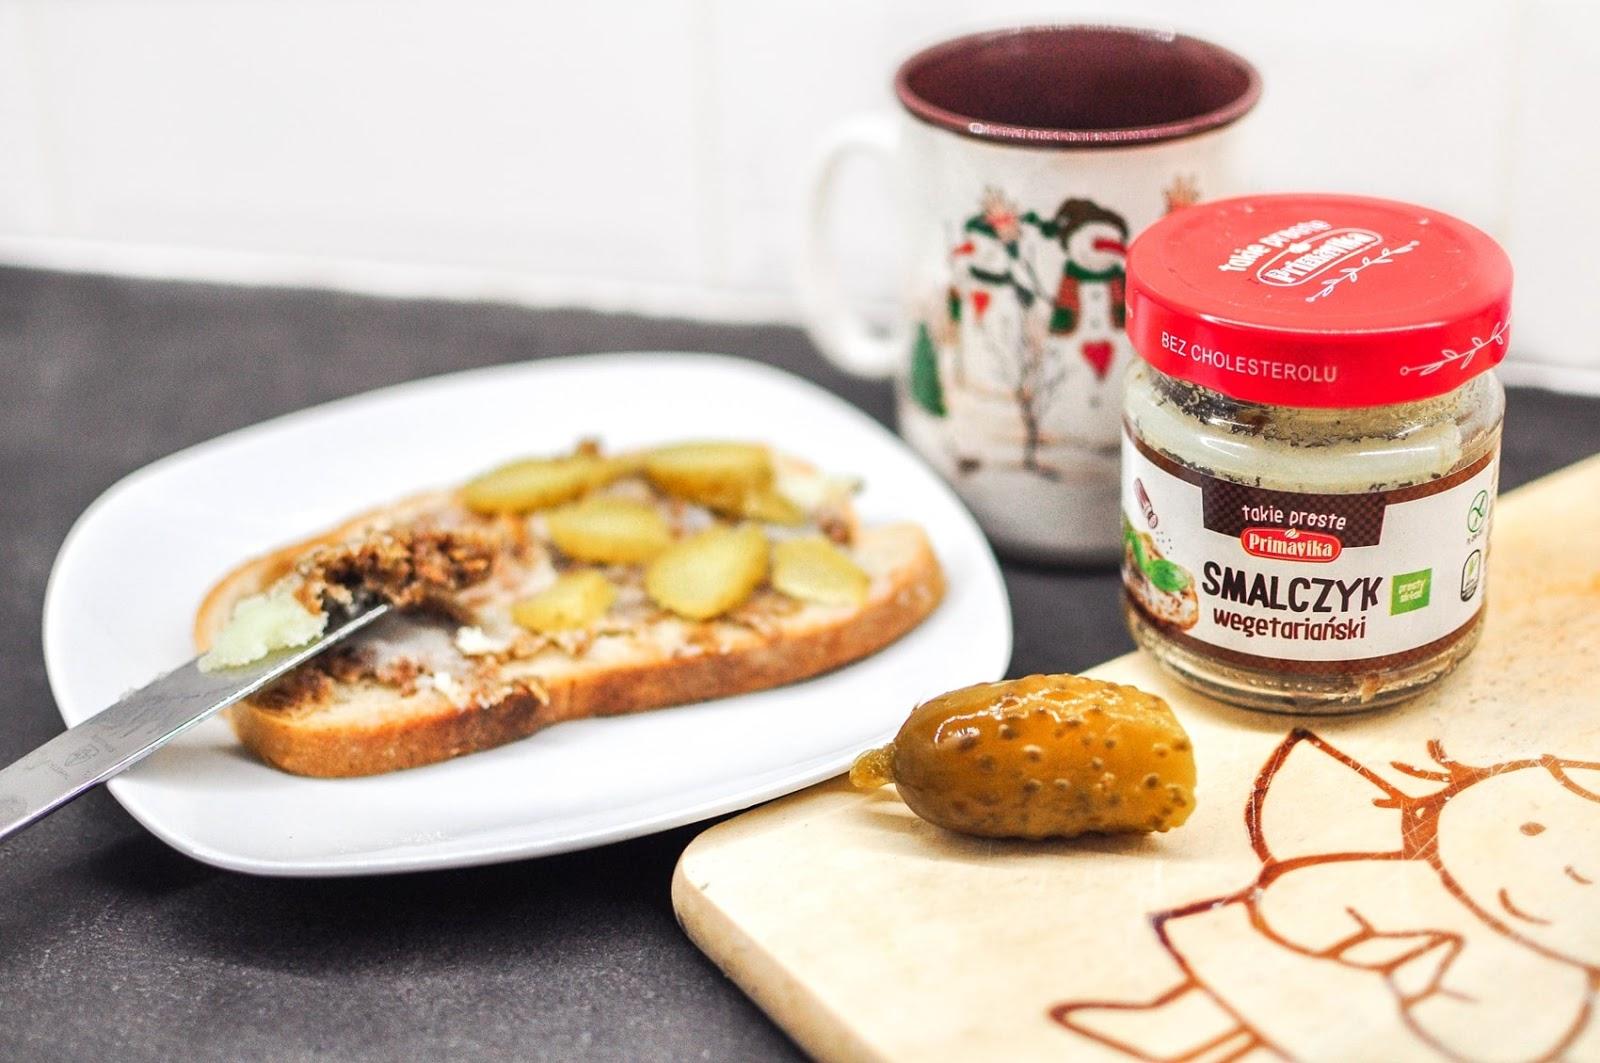 smalczyk-wegetarianski.jpg